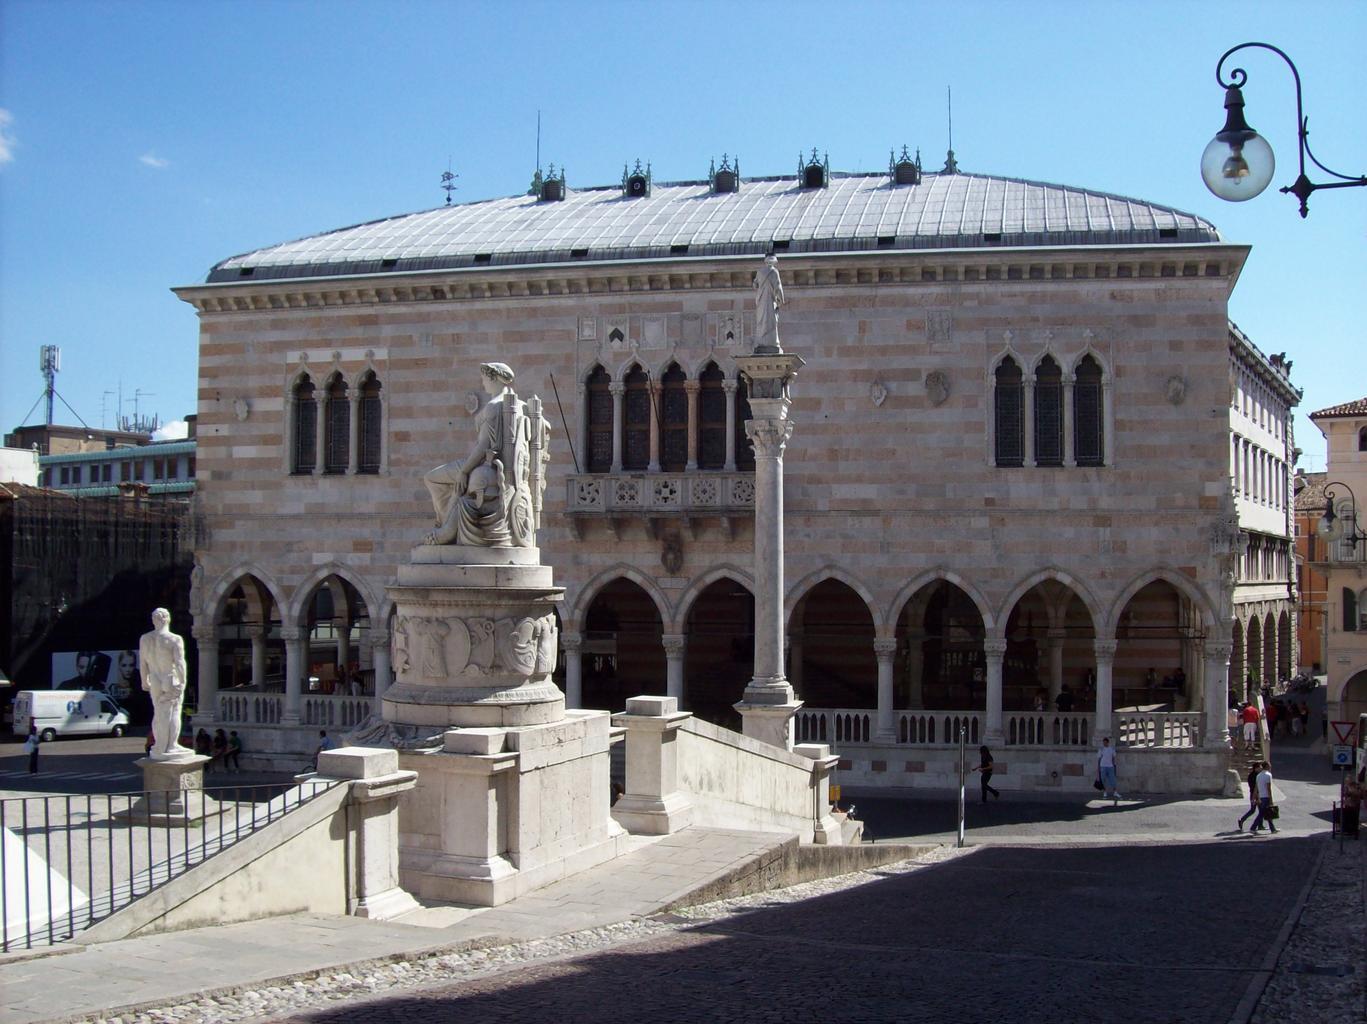 Plein in Udine